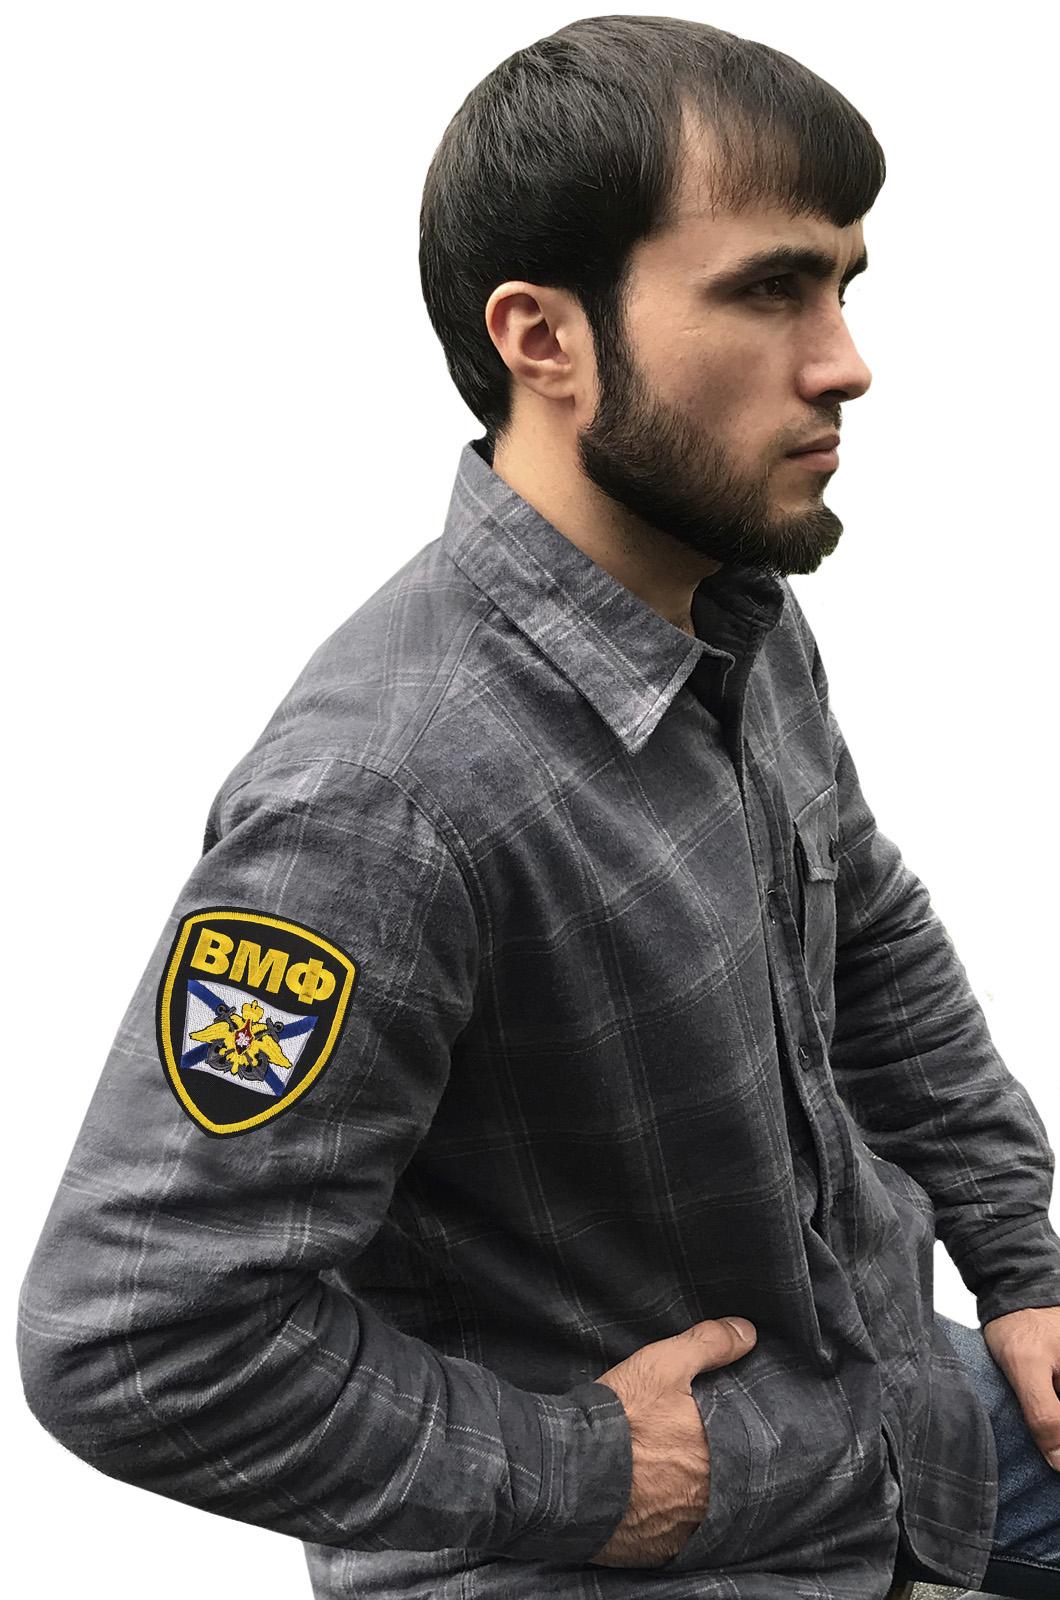 Качественные мужские рубашки «ВМФ»